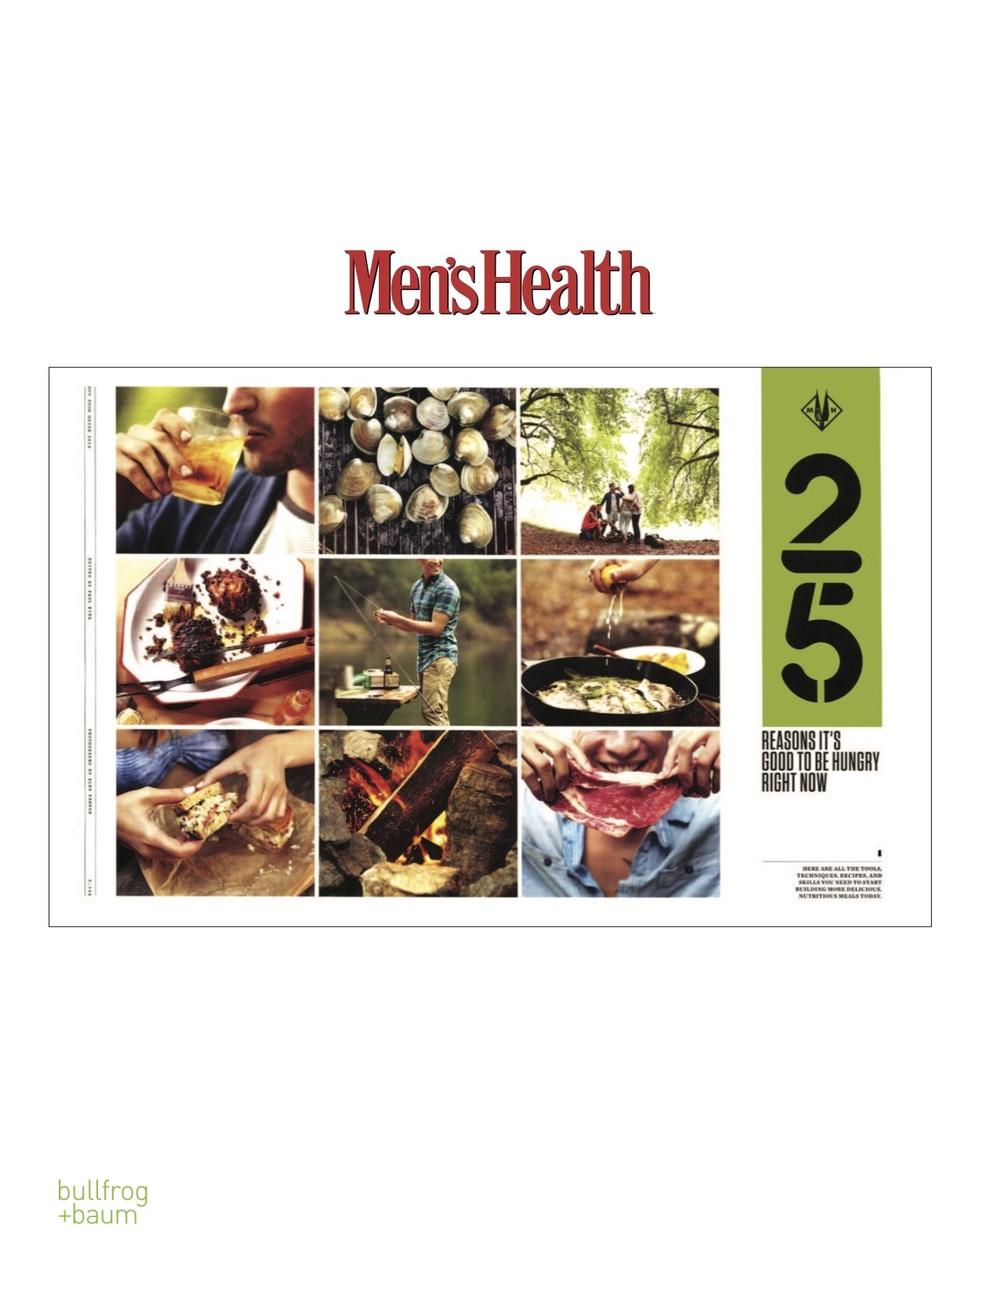 140601-Jesse-Schenker_Mens-Health.jpg